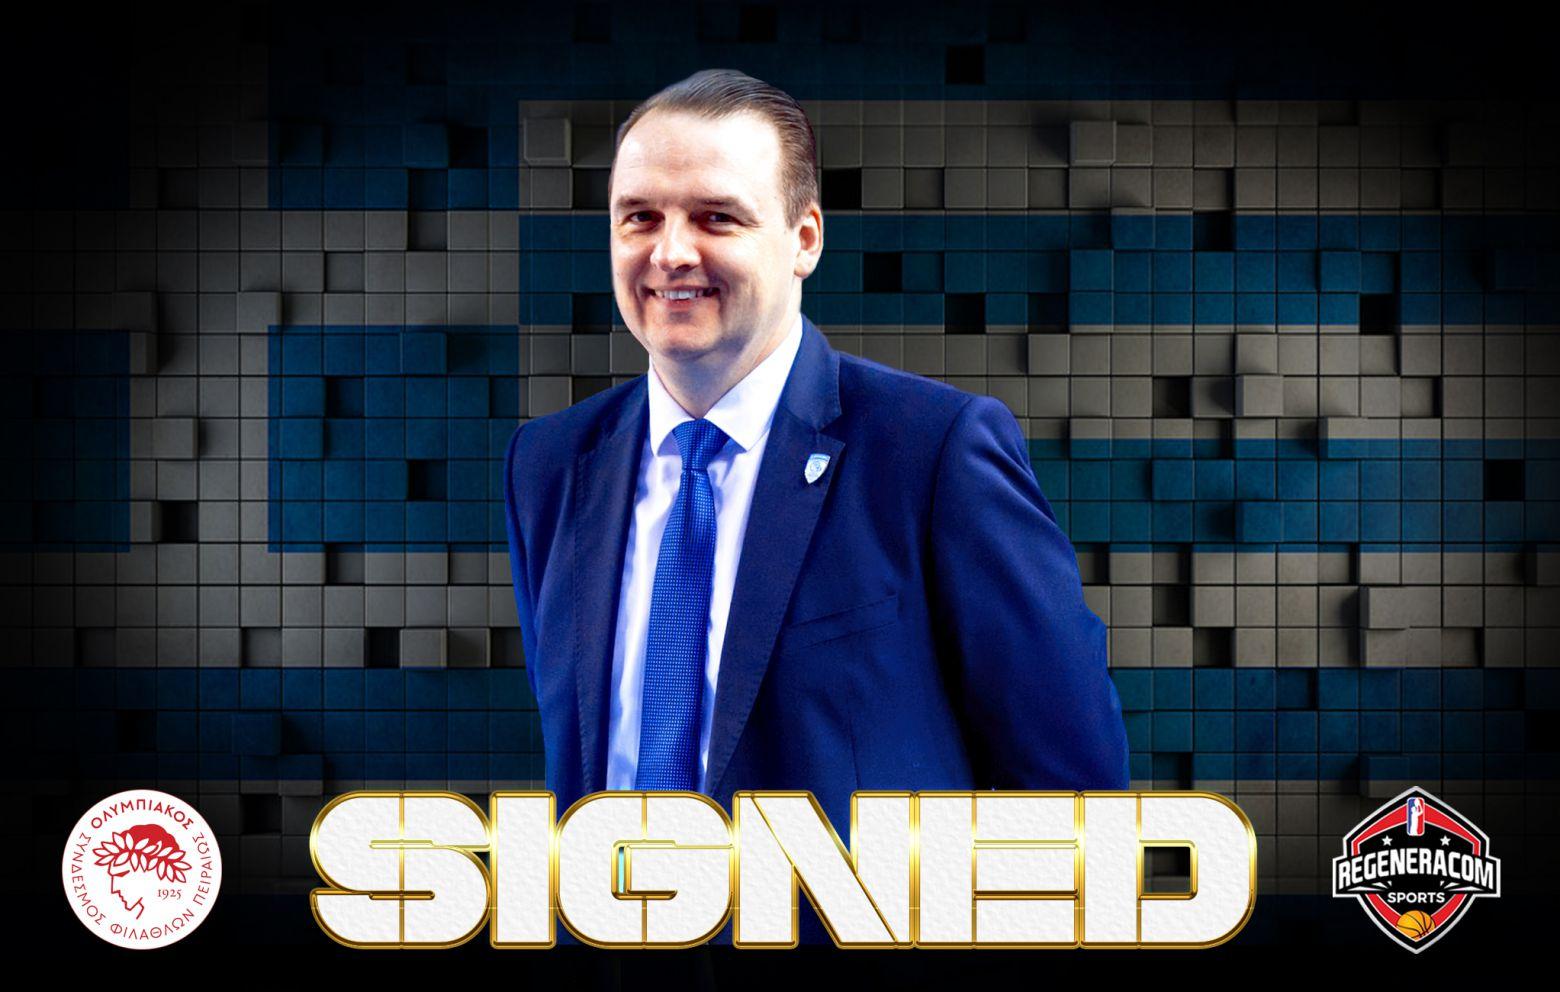 MARTINS ZIBARTS ha firmado con Olympiacos para la temporada 2021/22